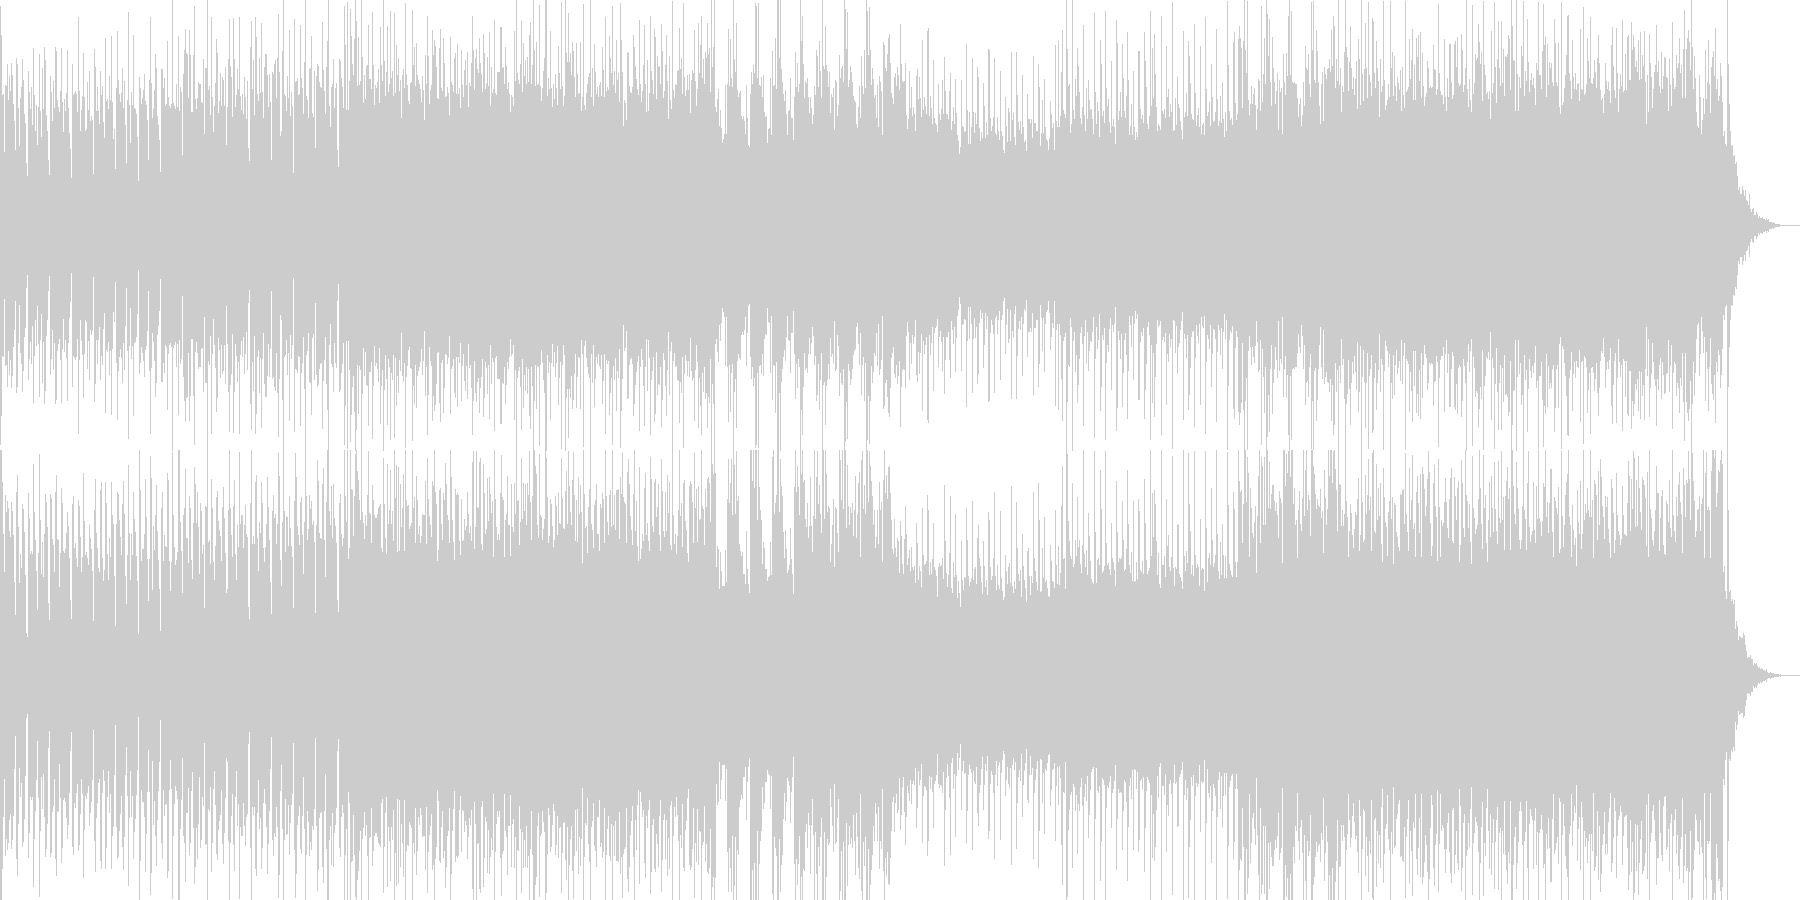 シリアスなシーン向けのヘヴィロックの未再生の波形